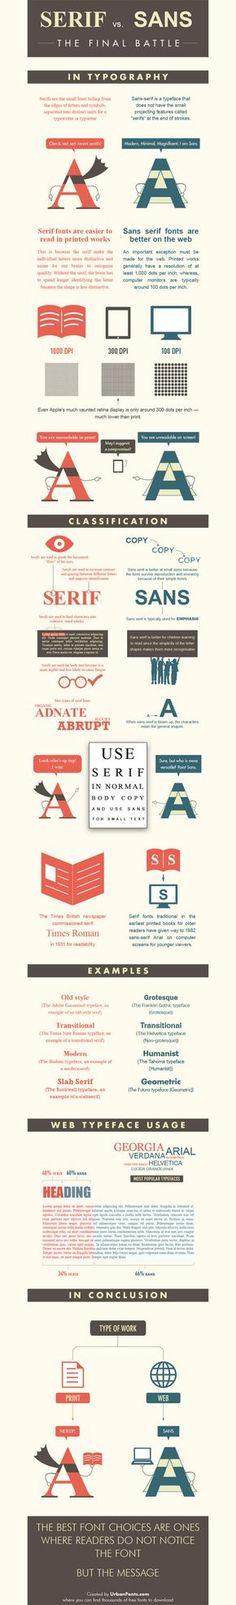 Serif vs. Sans: The final battle [infographic]